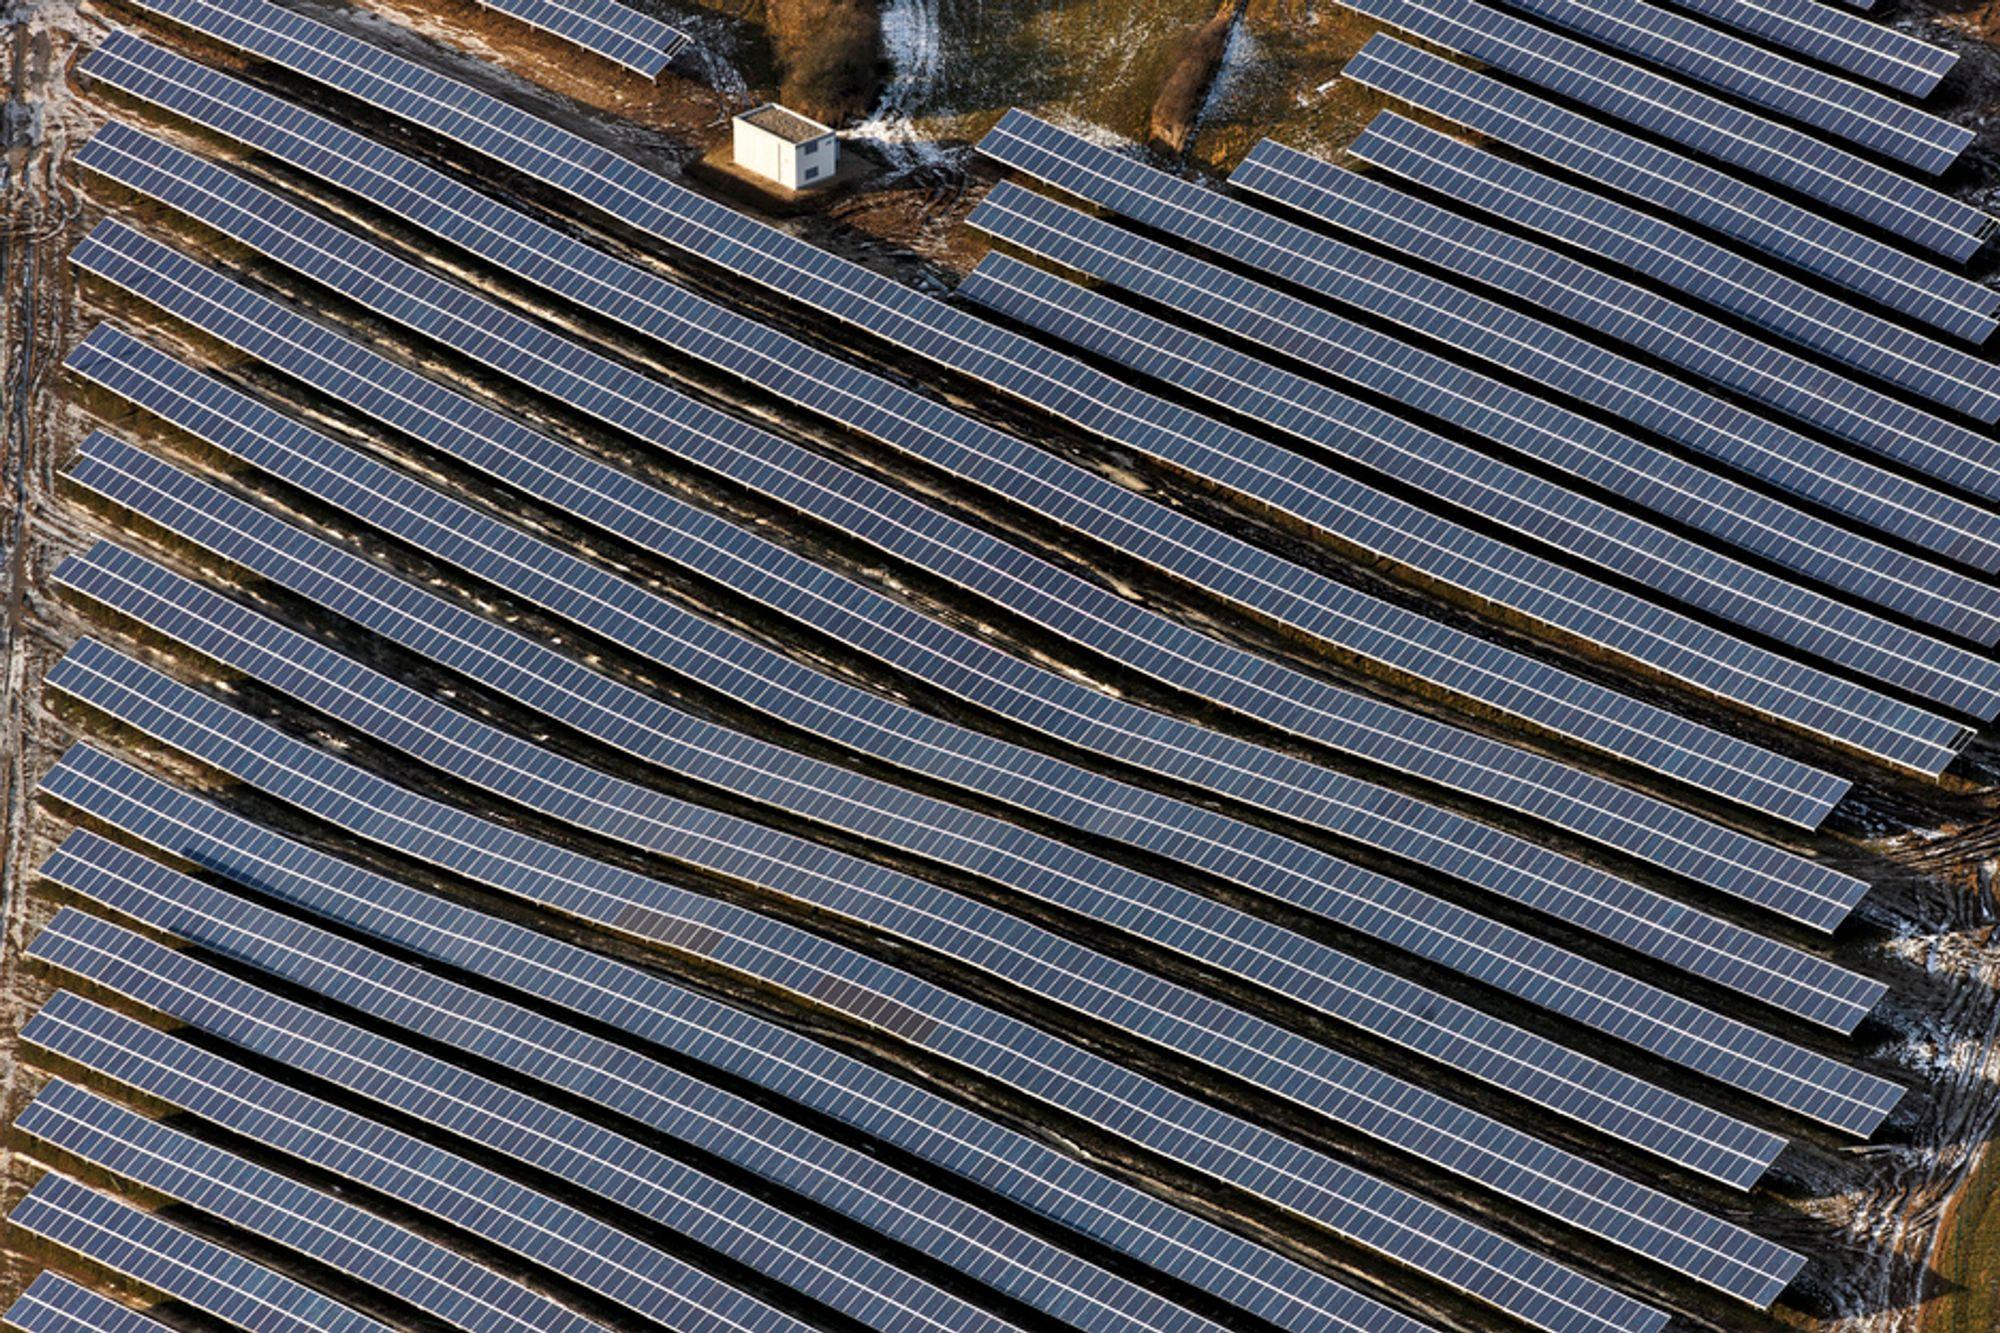 INGEN FOTBALL: Solcellepaneler levert av Scatec Solar i Bayern. Anlegget på bildet er på 5,6 MW, mens Sør-Afrika-kraftverket vil bli på 75 MW og dekke et areal tilsvarende 140 fotballbaner.